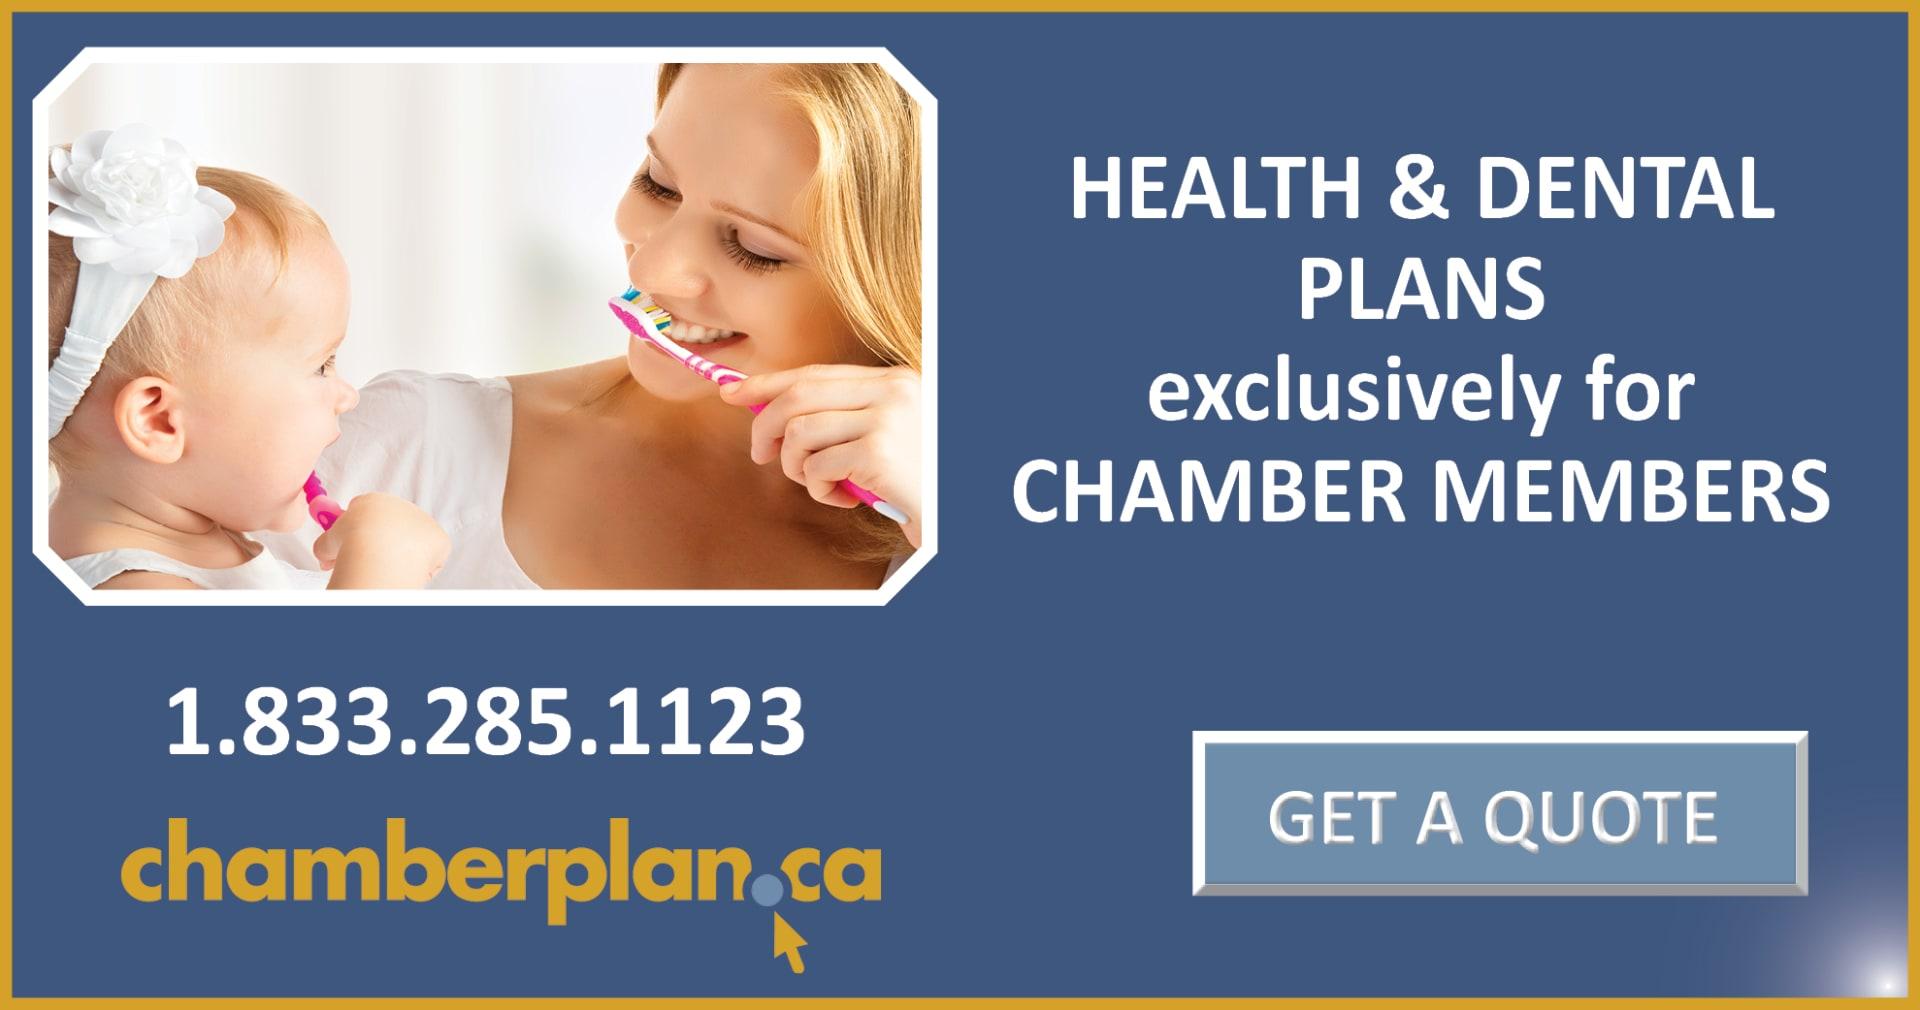 ChamberPlan.ca-w1920.jpg